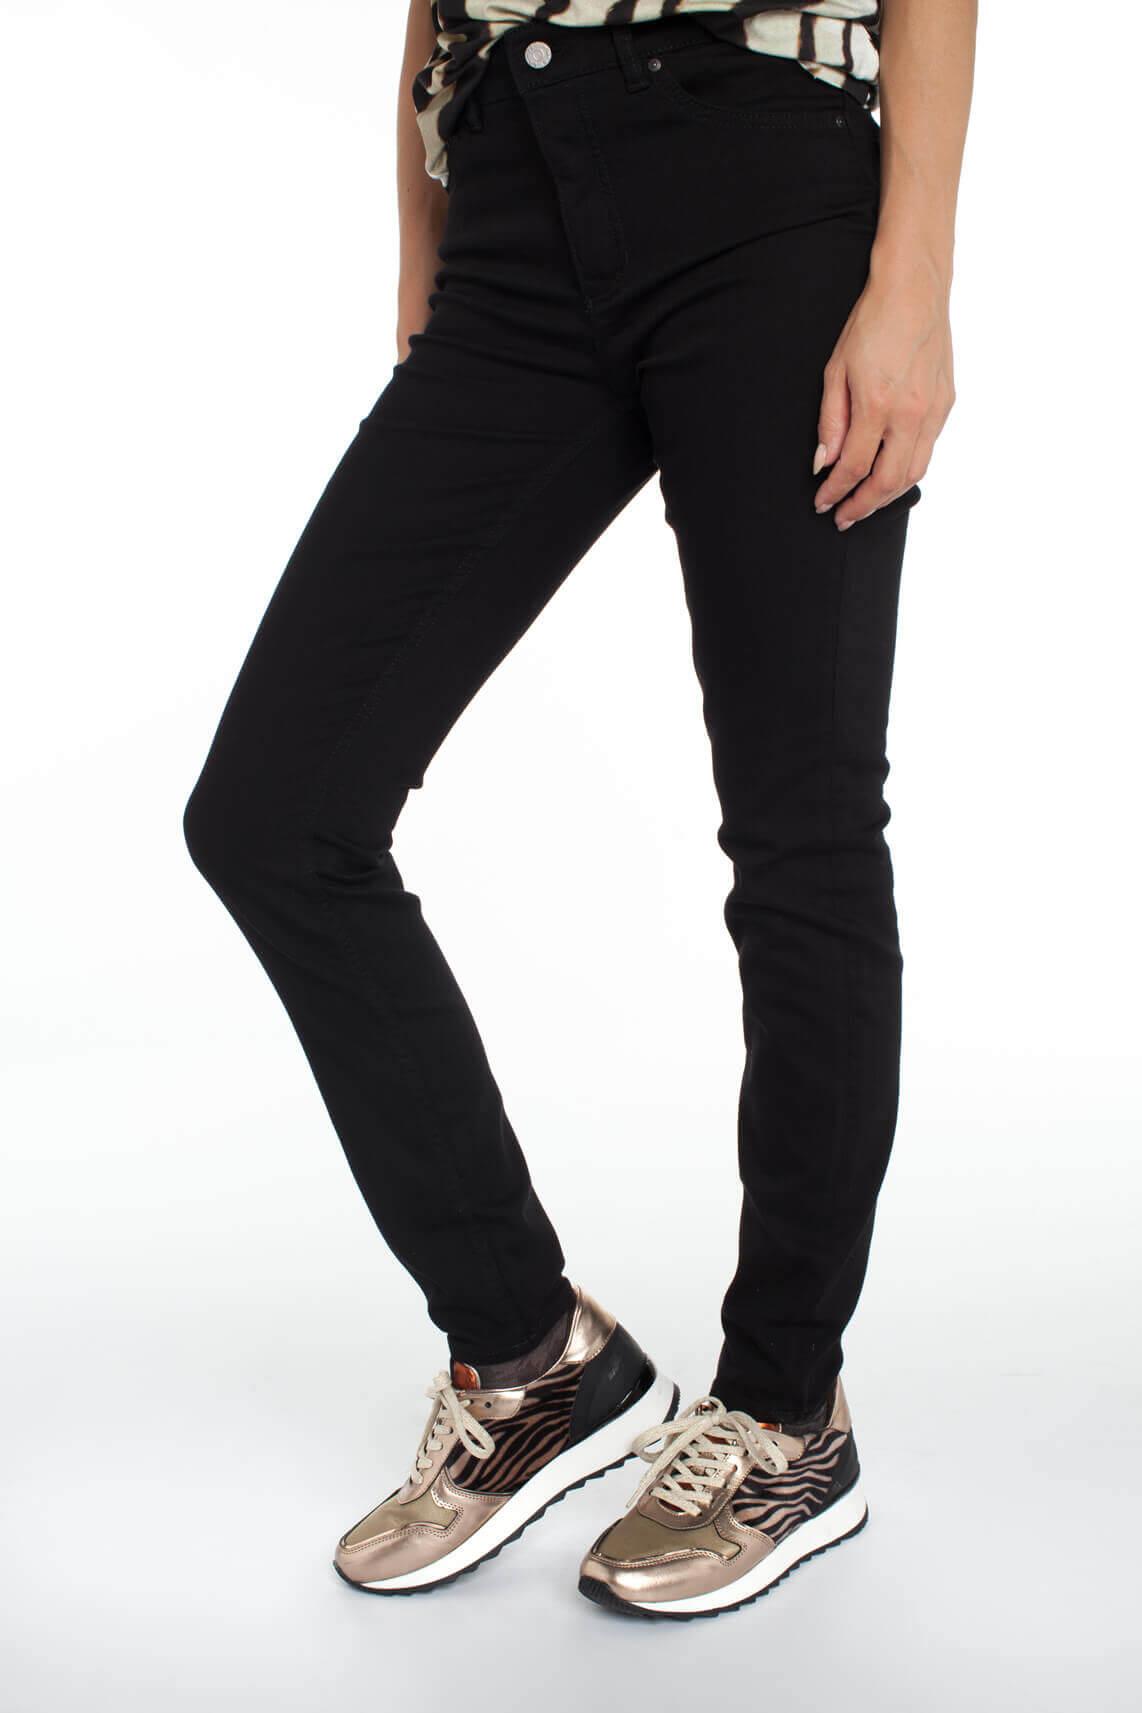 Rosner Dames L34 Audrey high waist jeans zwart